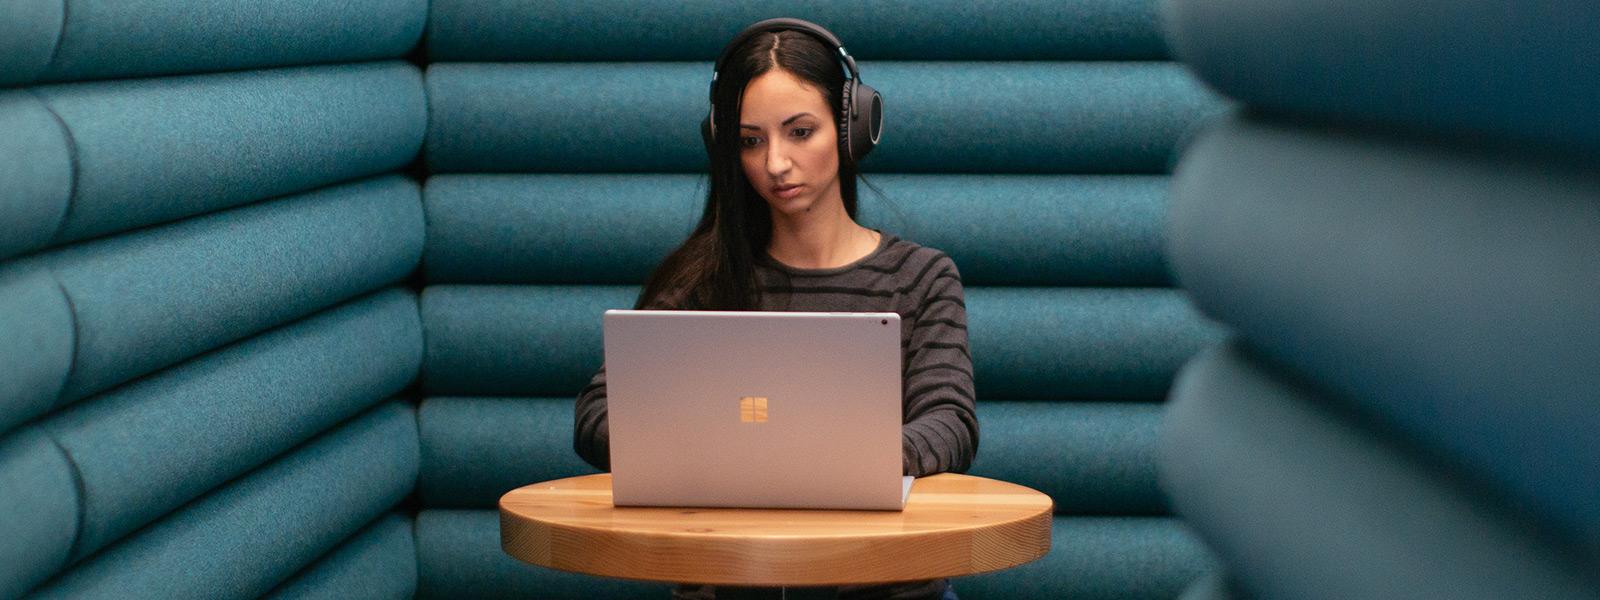 En kvinna sitter ensam och tyst medan hon bär hörlurar och arbetar på sin Windows 10-dator